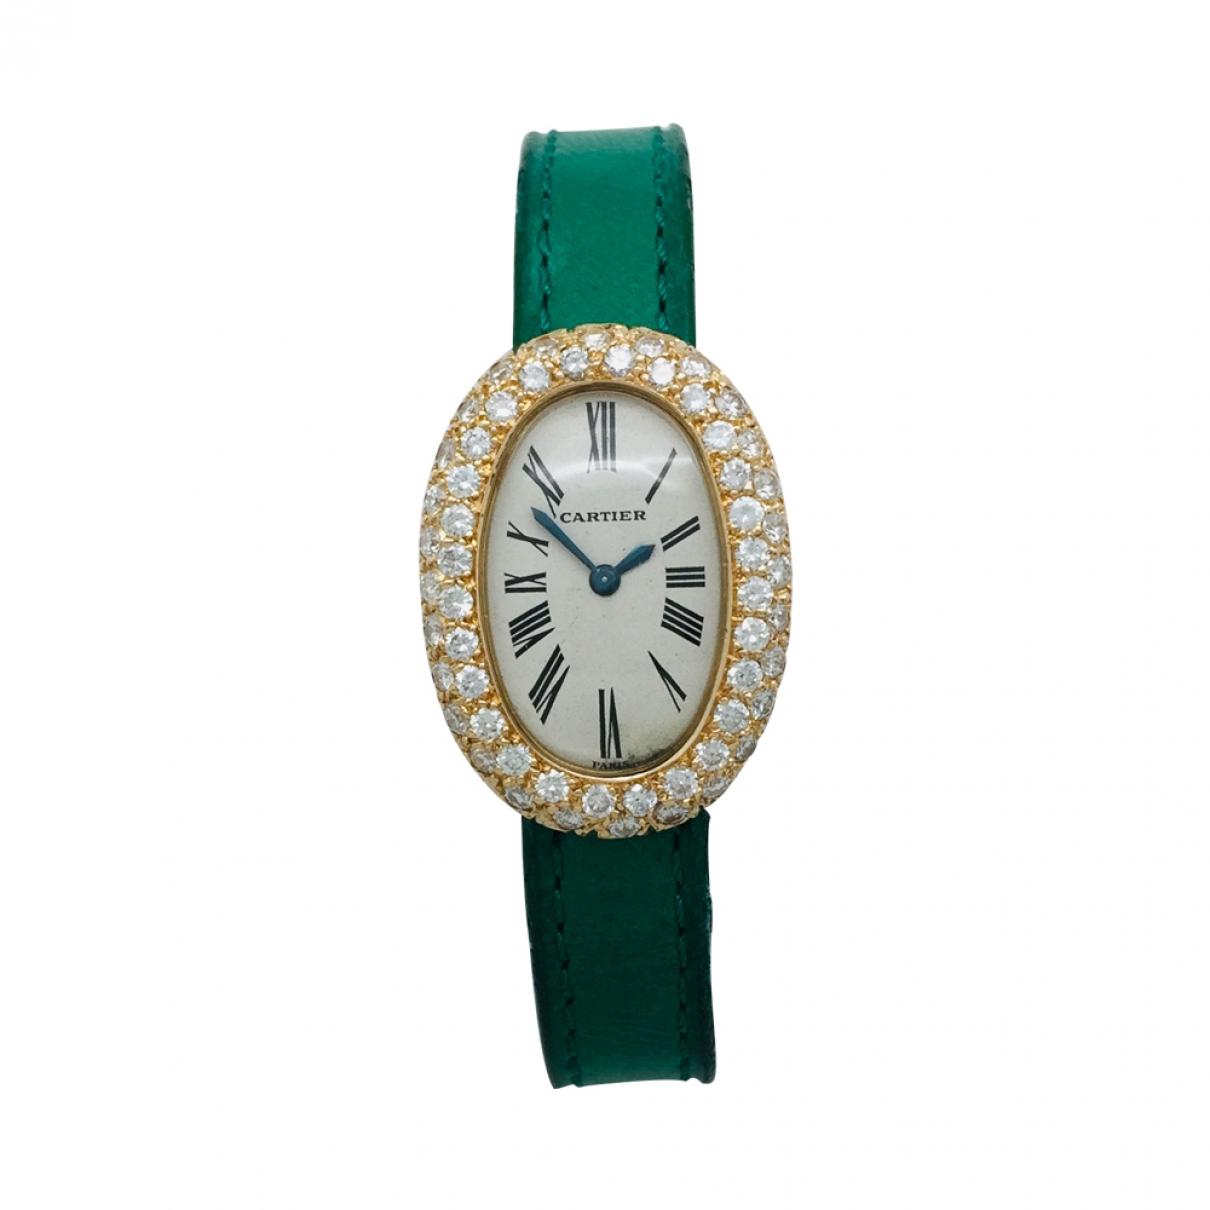 Cartier Baignoire Uhr in Gelbgold